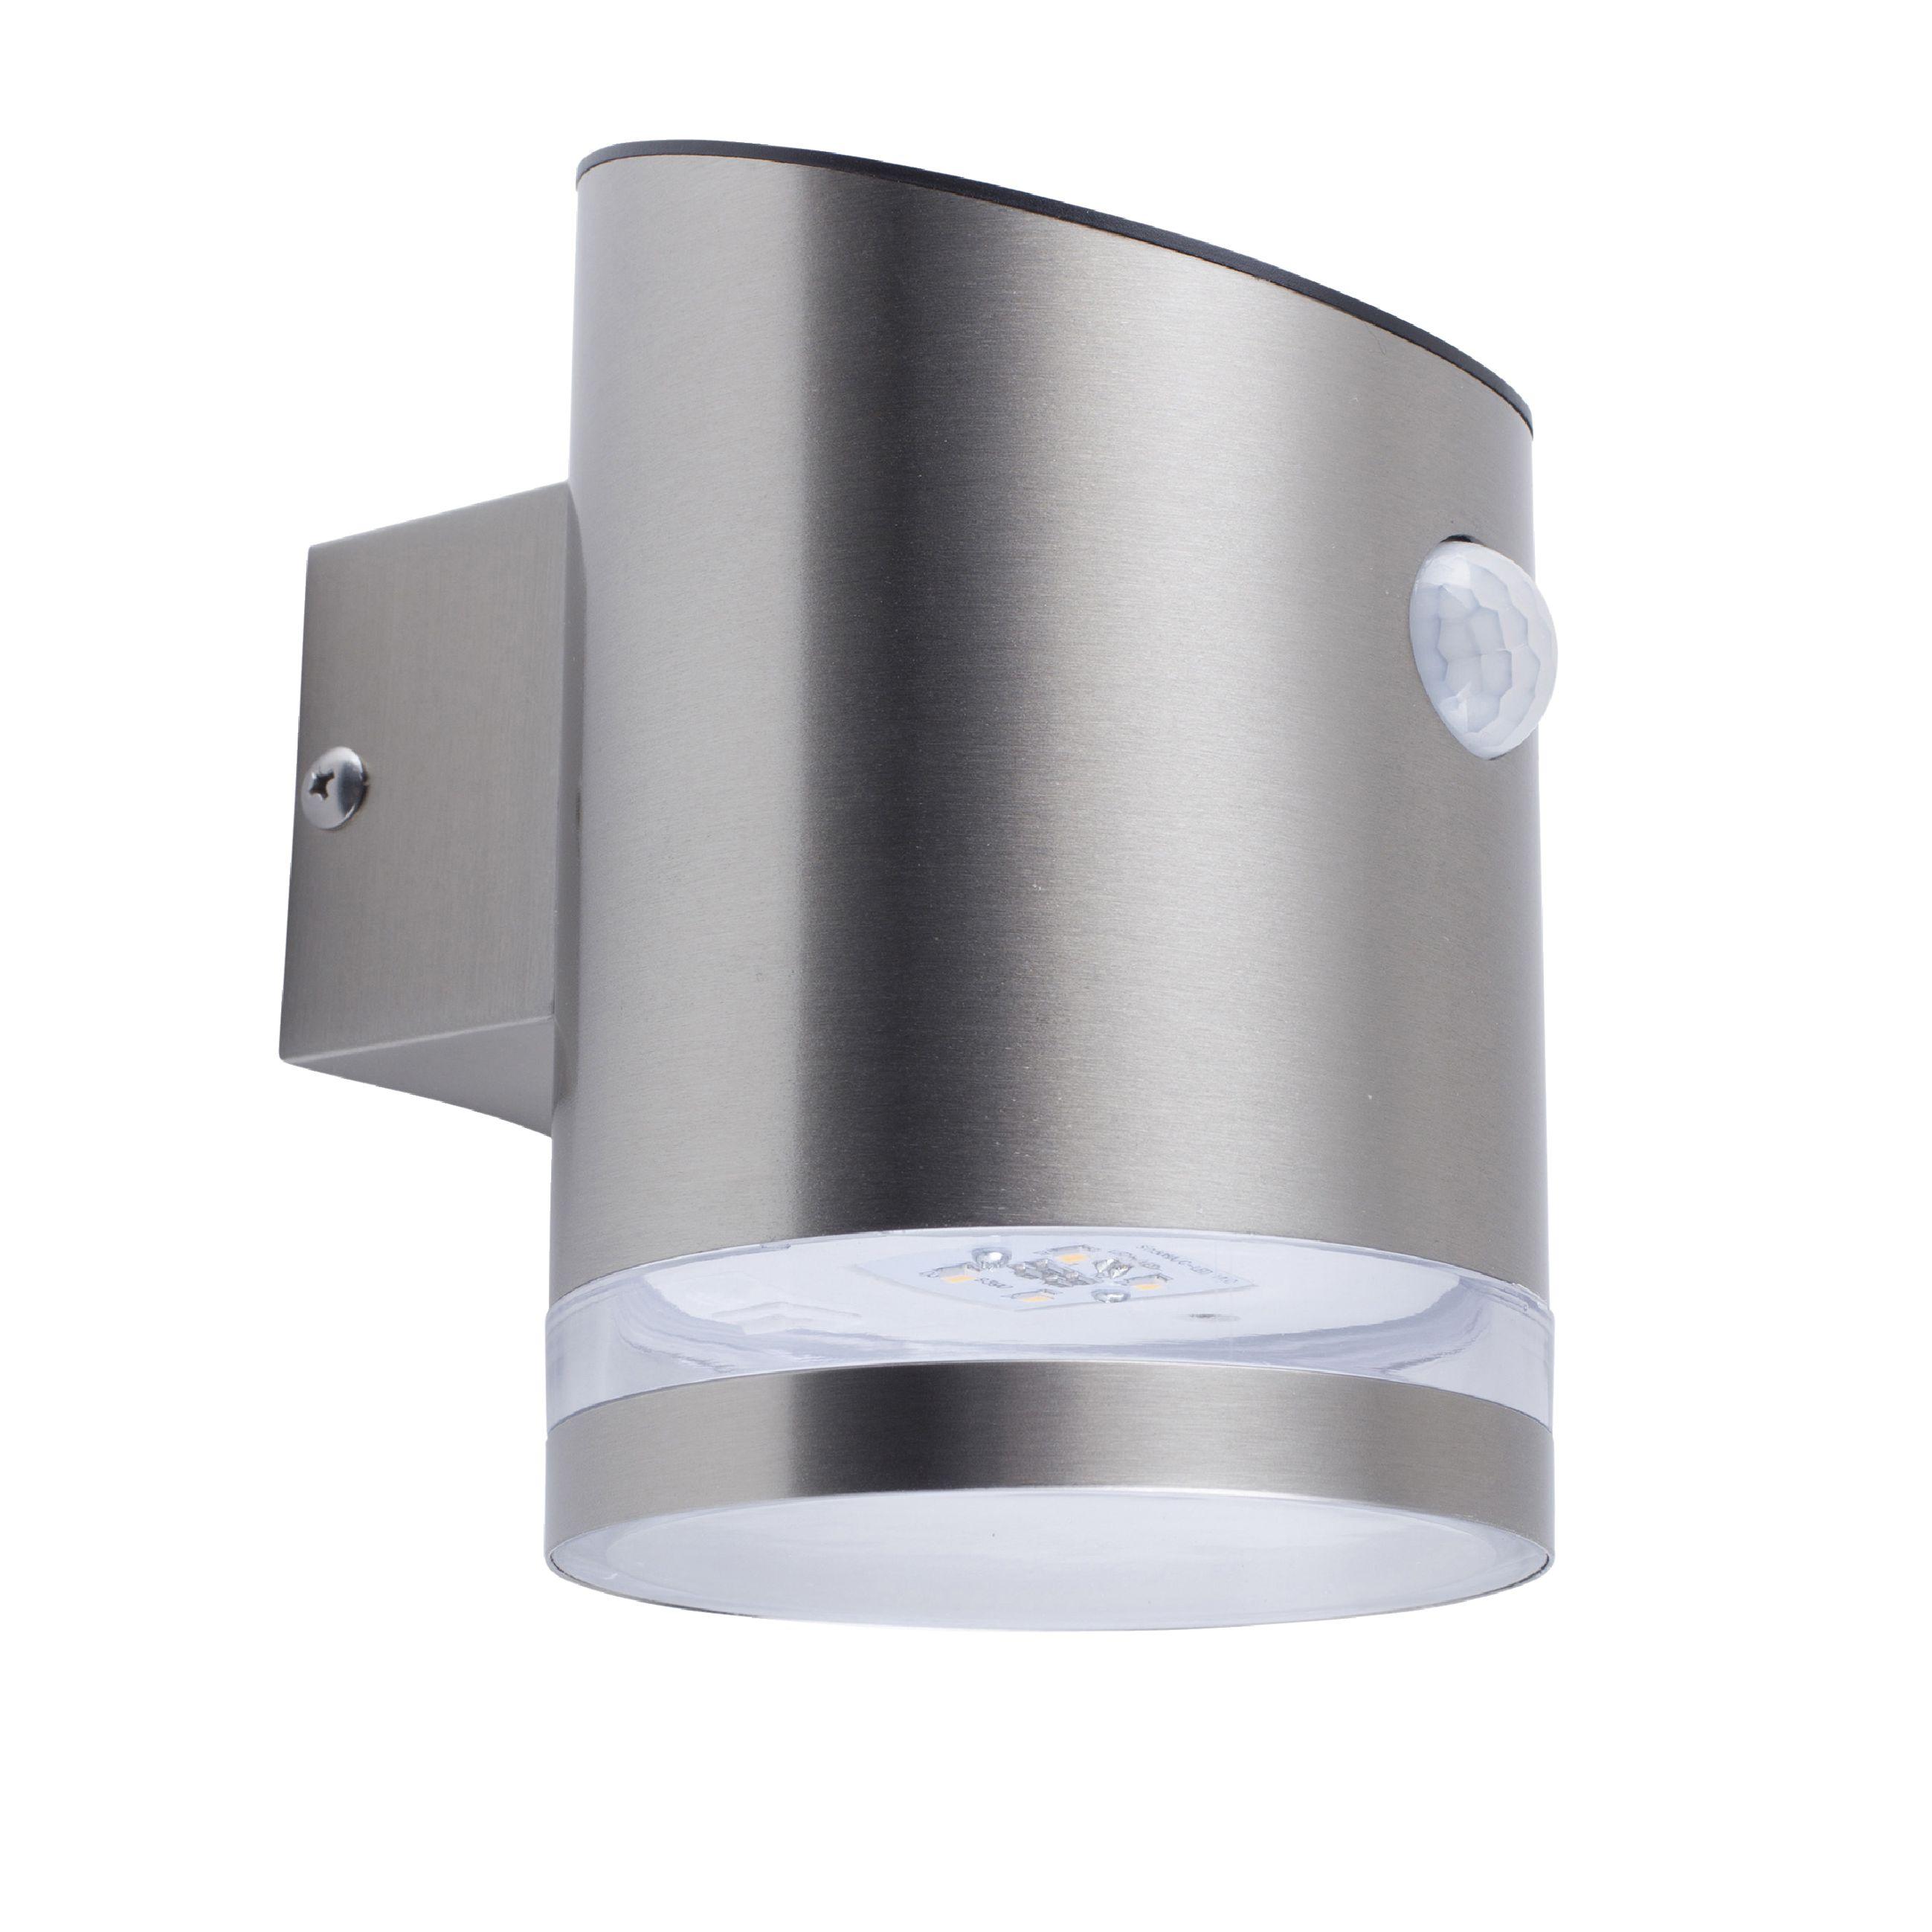 Venkovní solární nástěnné LED svítidlo PIR Ranex 5000.701, RA-1004582